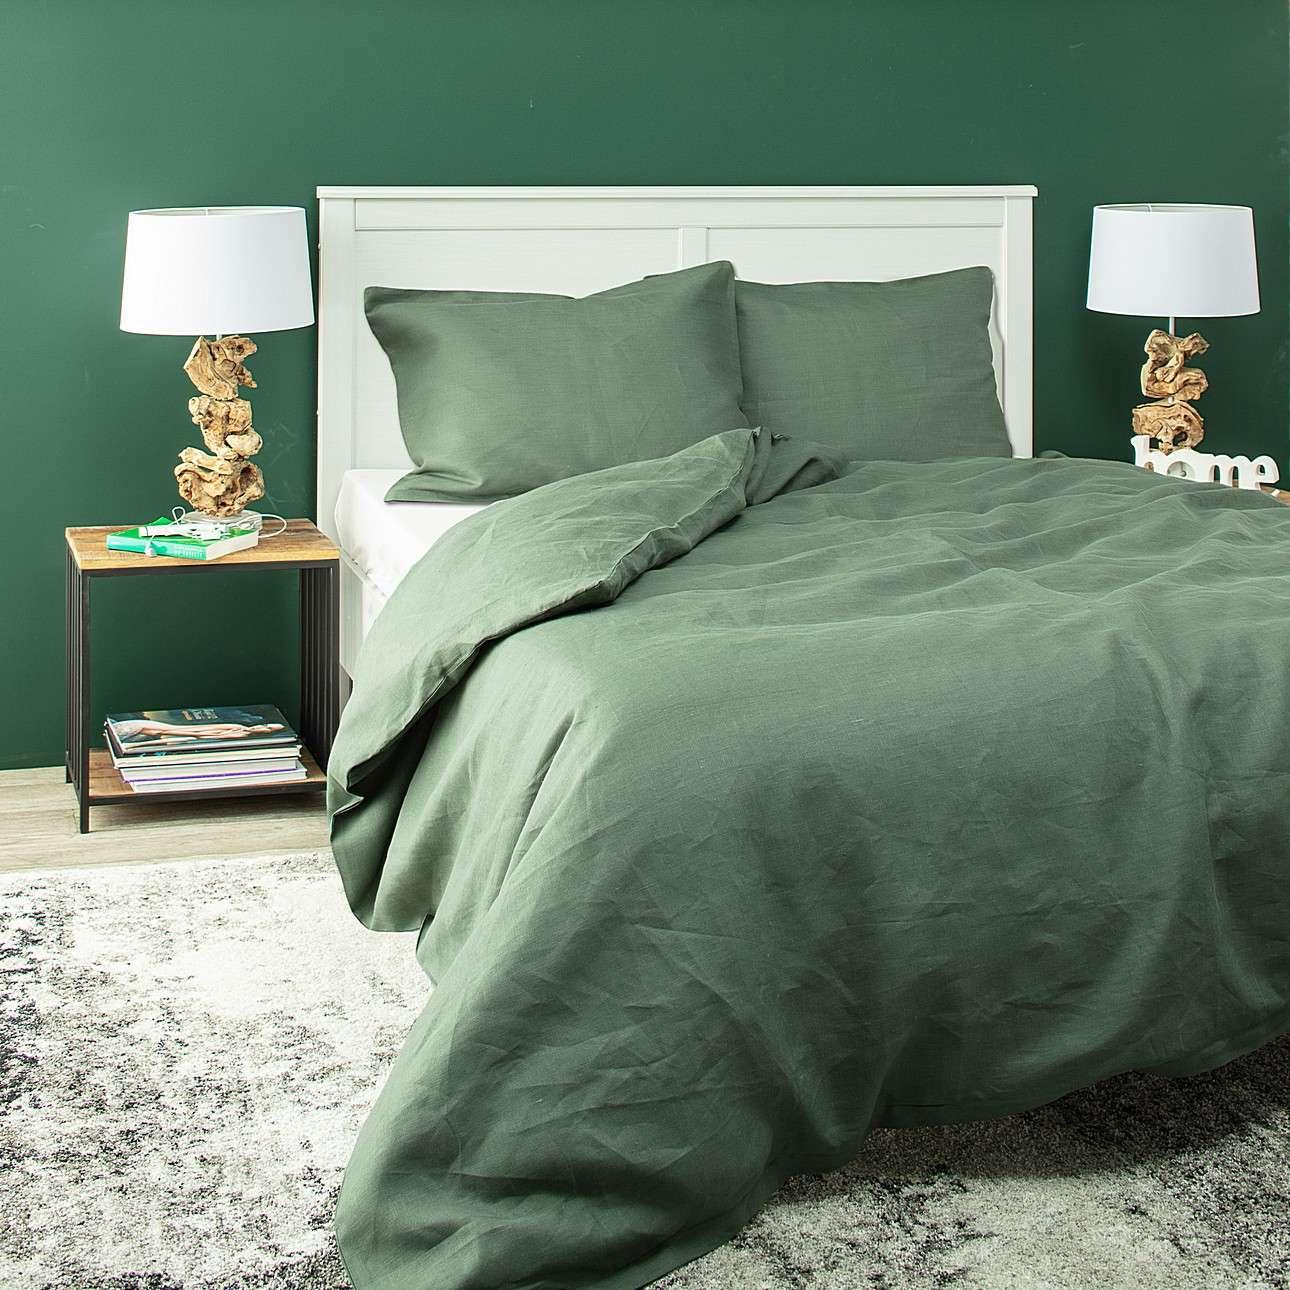 Komplet pościeli lnianej Linen 200x200cm green